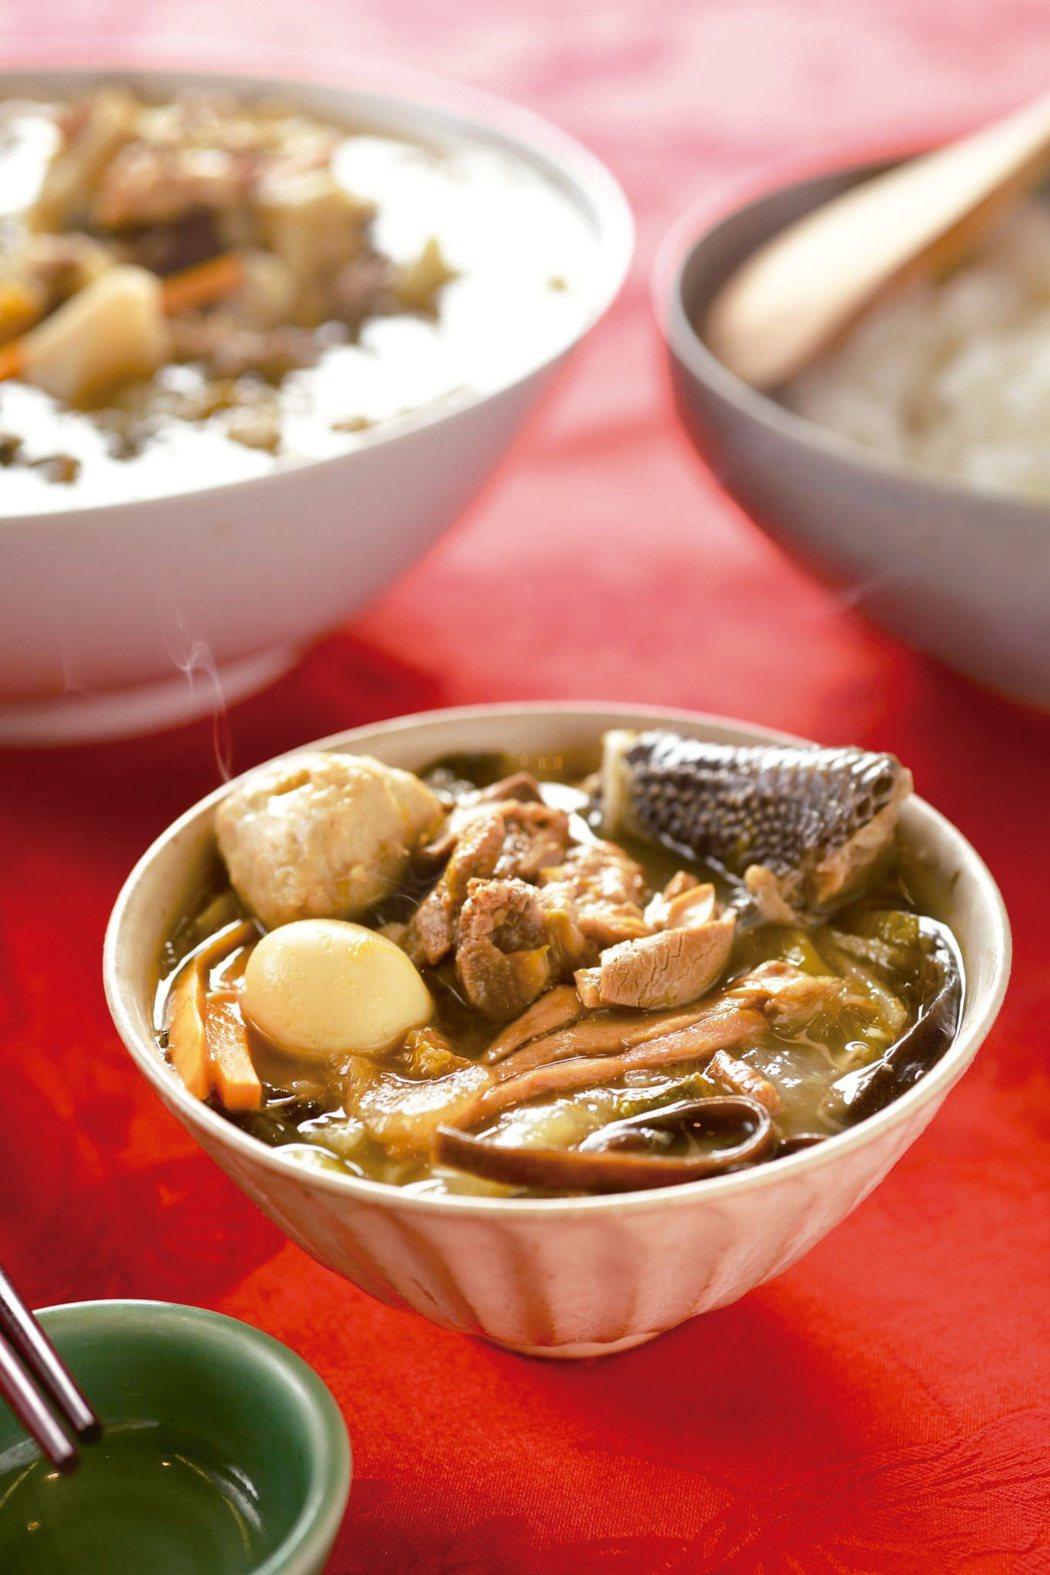 菜尾湯靠著掌廚者調和七道主菜,以不同比例放進鍋中,再加上其他食材,相當考驗功力。...